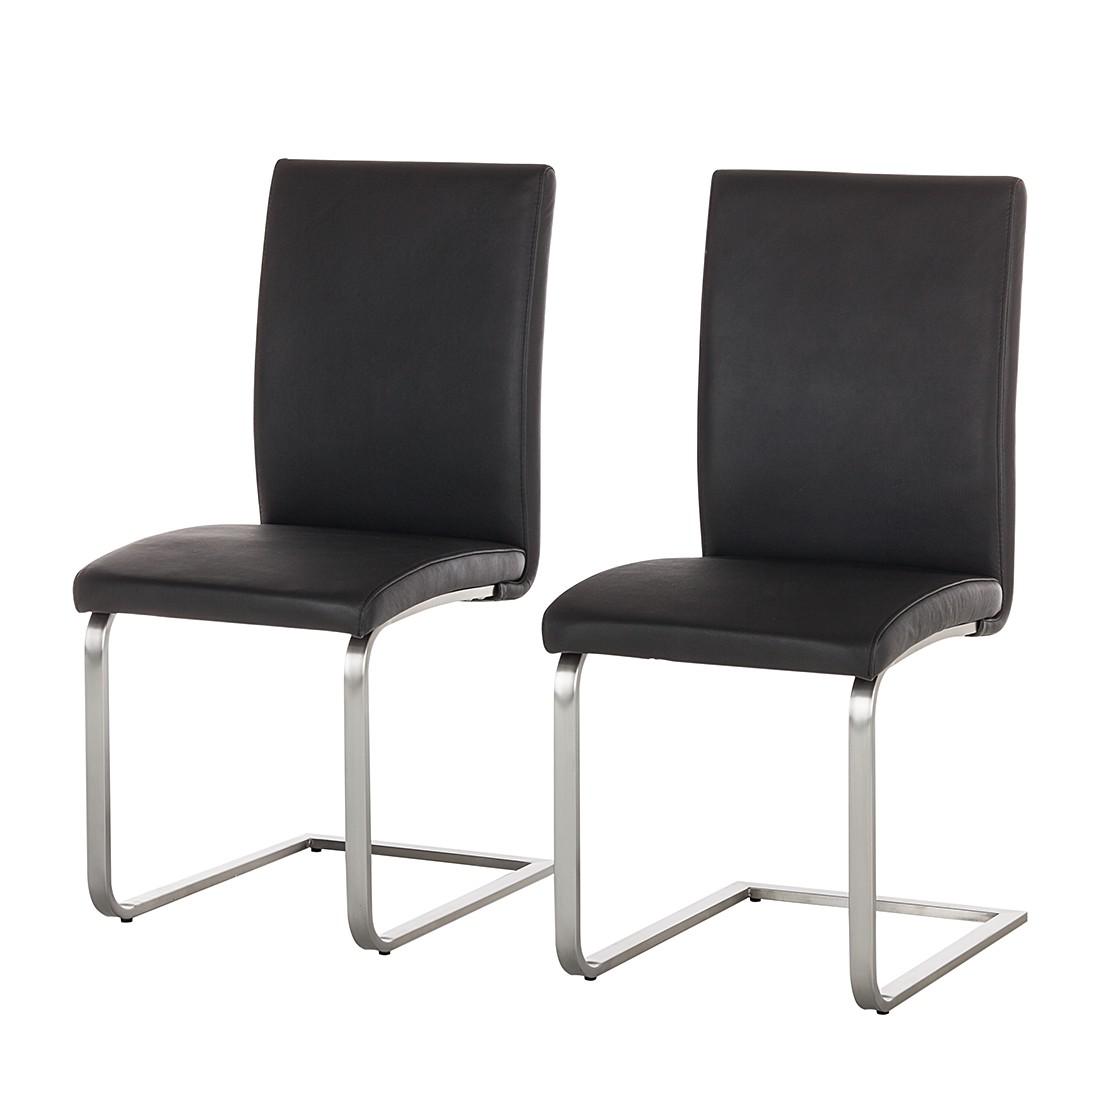 stuhl mit hoher sitzh he machen sie den preisvergleich bei nextag. Black Bedroom Furniture Sets. Home Design Ideas